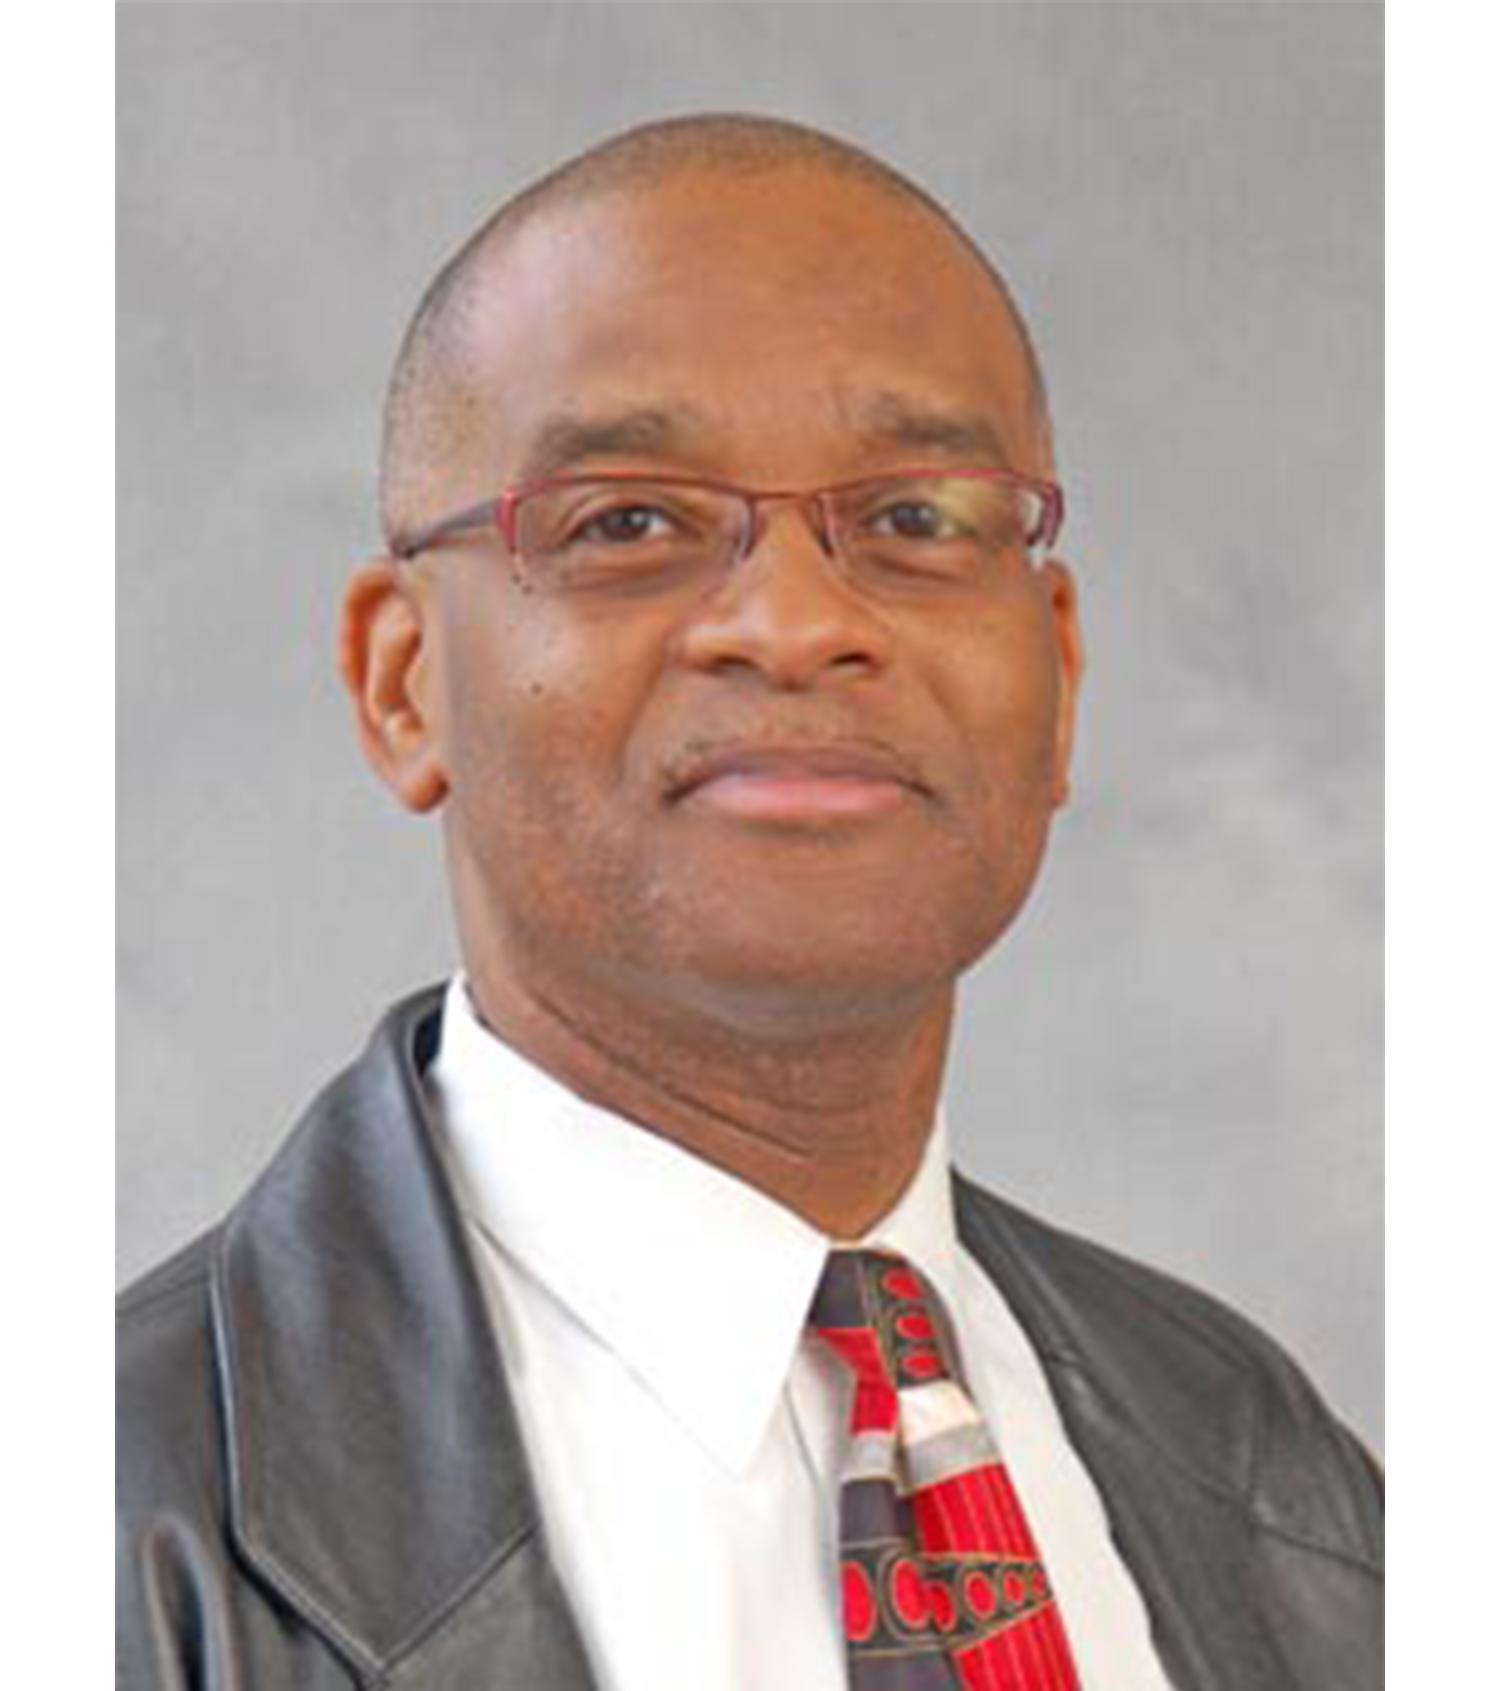 Dr. Joseph Fox